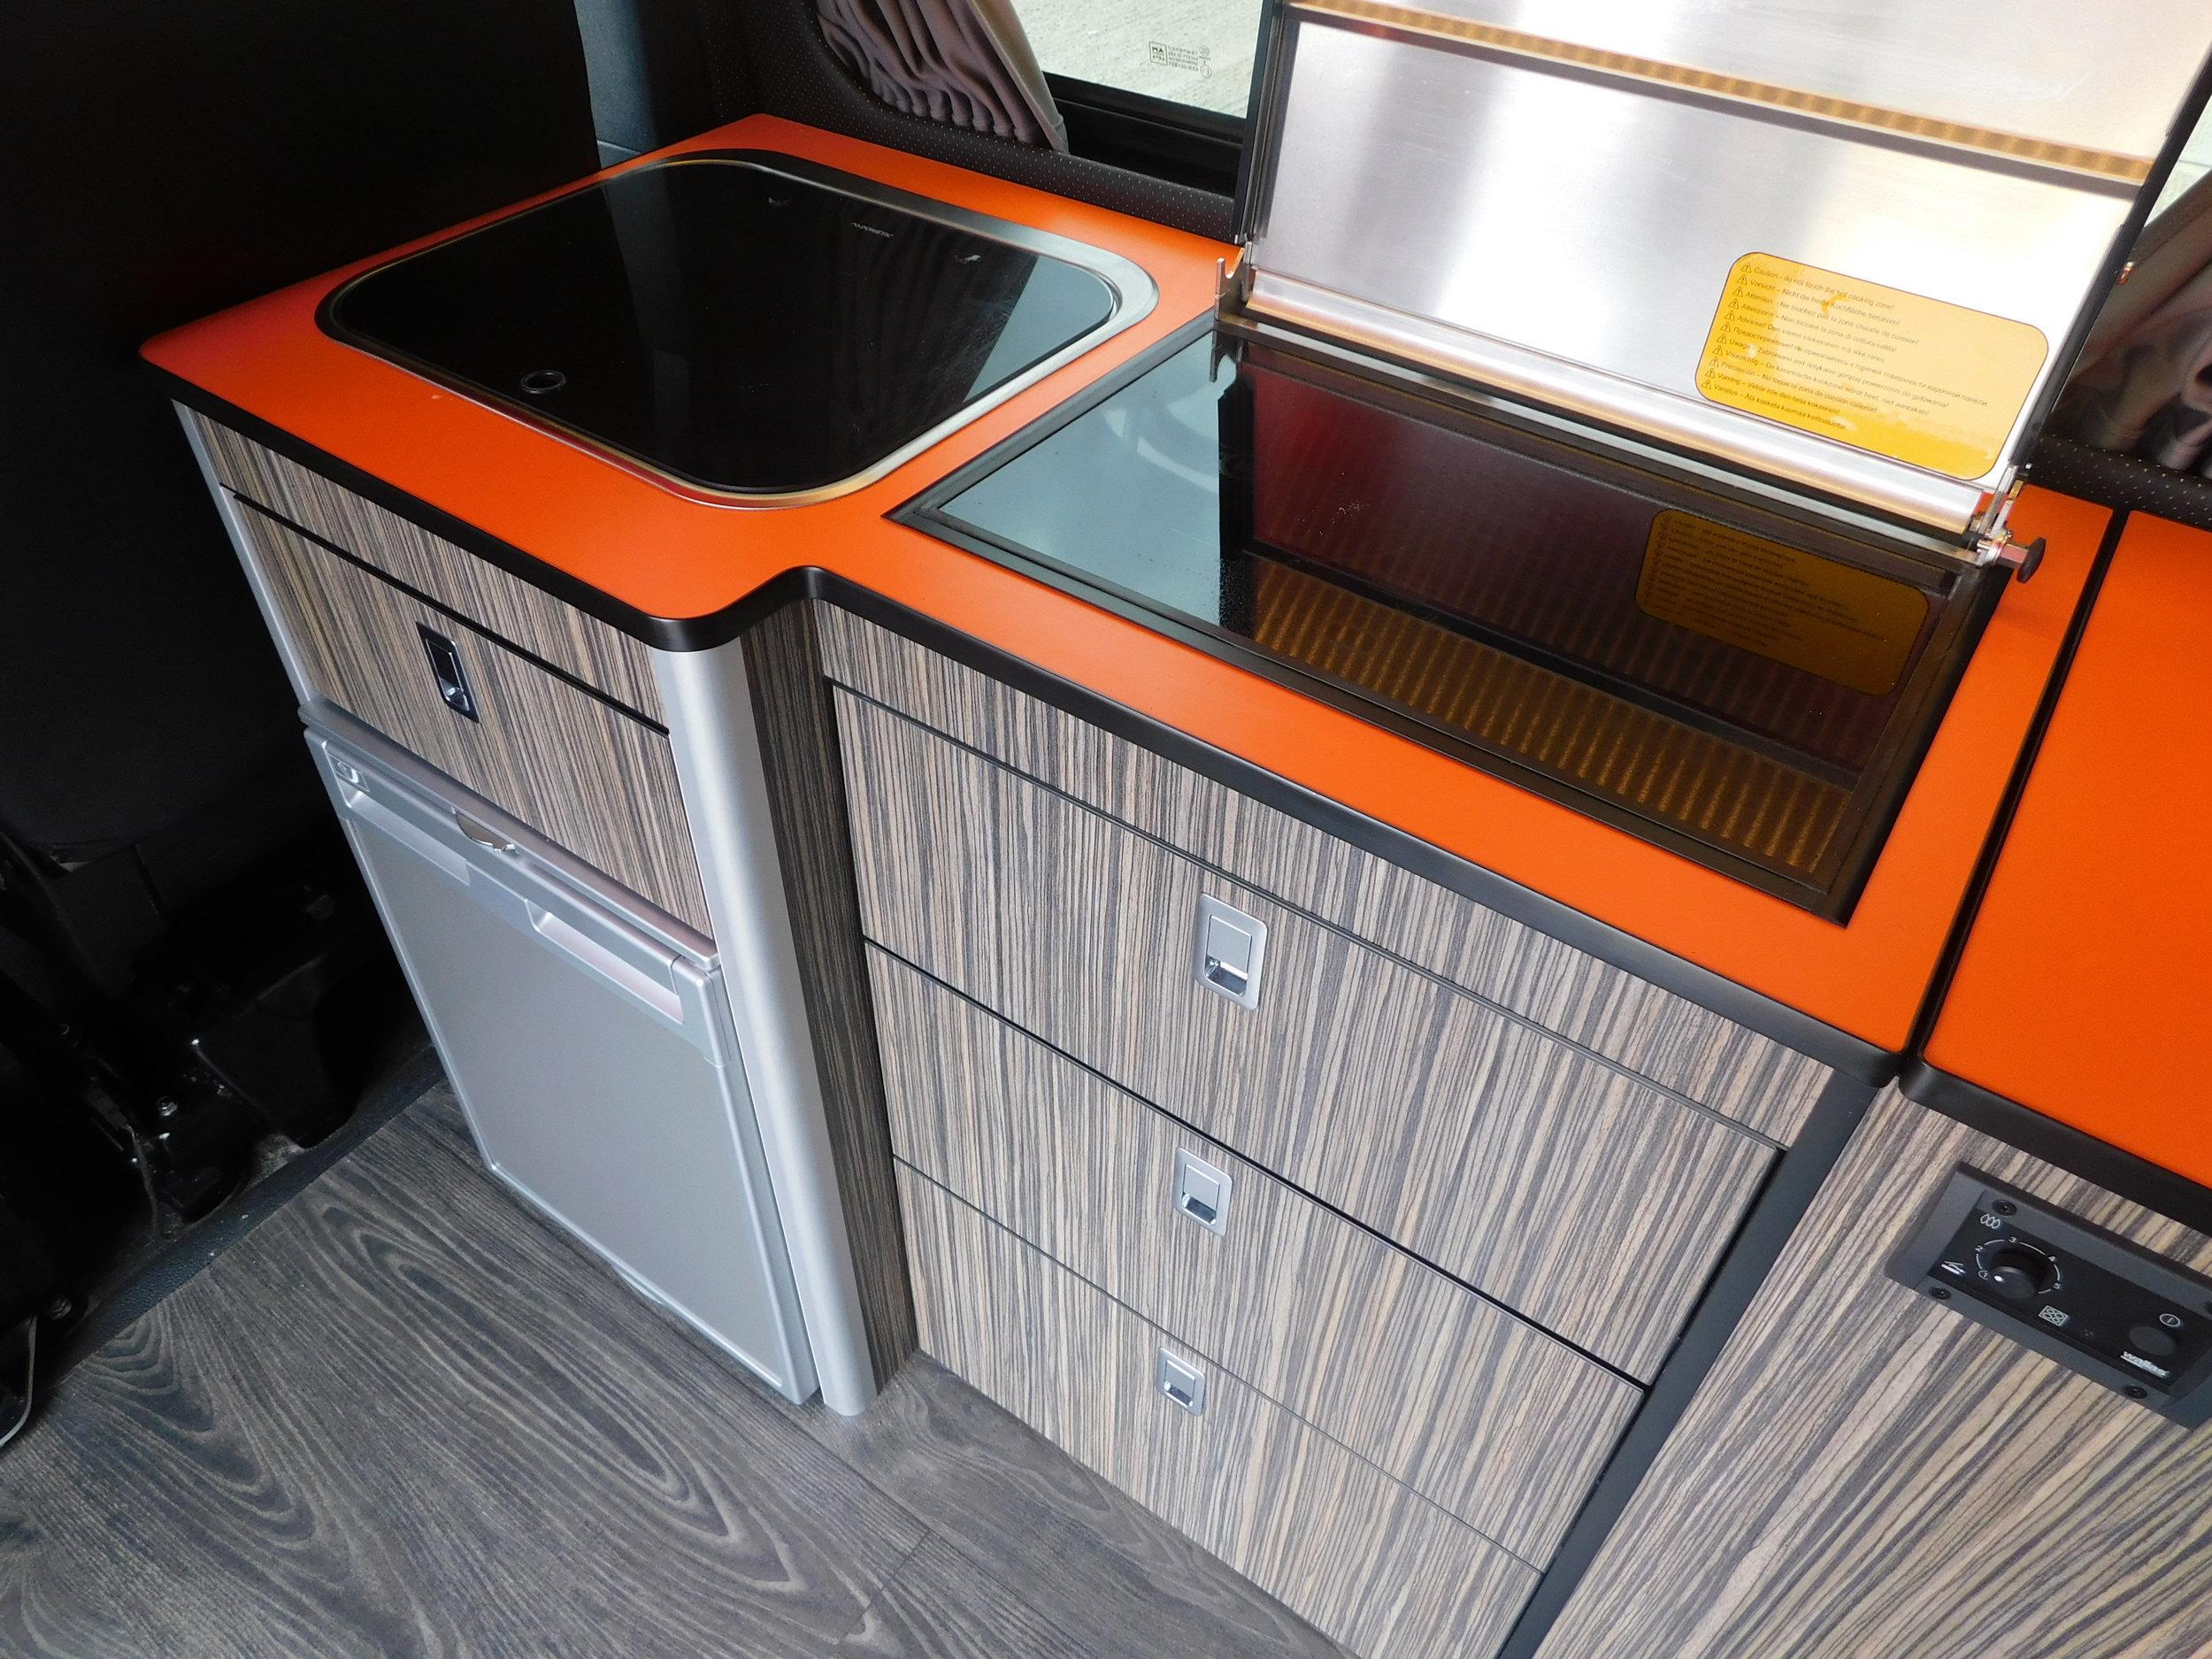 Wallis XC duo Diesel cooker / heater